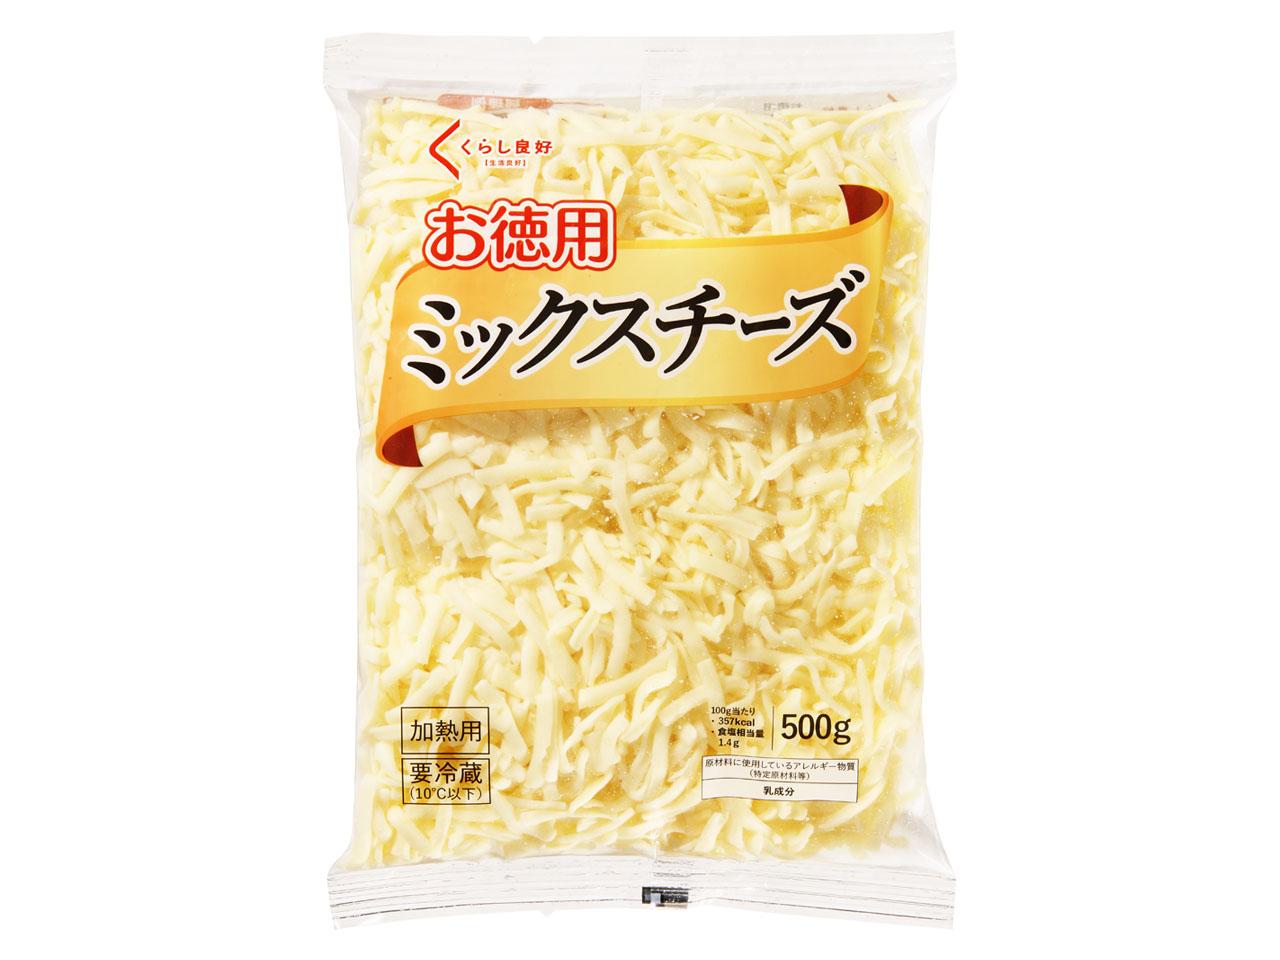 1月の太鼓判!くらし良好 徳用ミックスチーズ